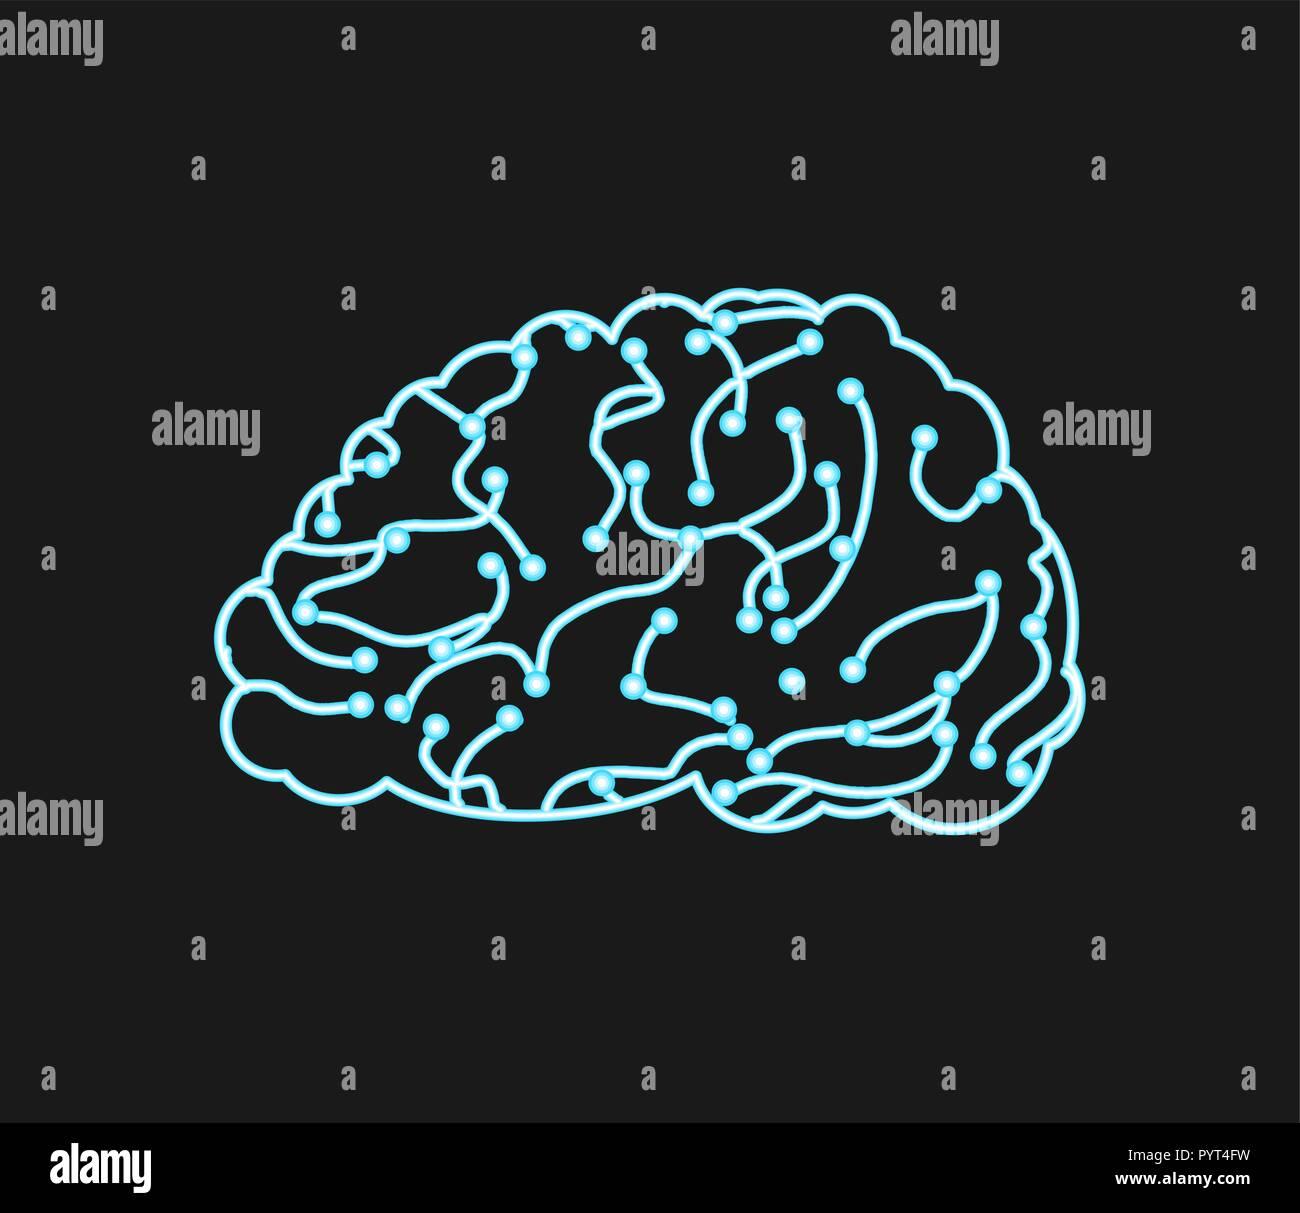 Cerebro virtual. Las neuronas y redes neuronales. digital pensado transferir tecnología. Concepto de ciencia ilustración vectorial Imagen De Stock